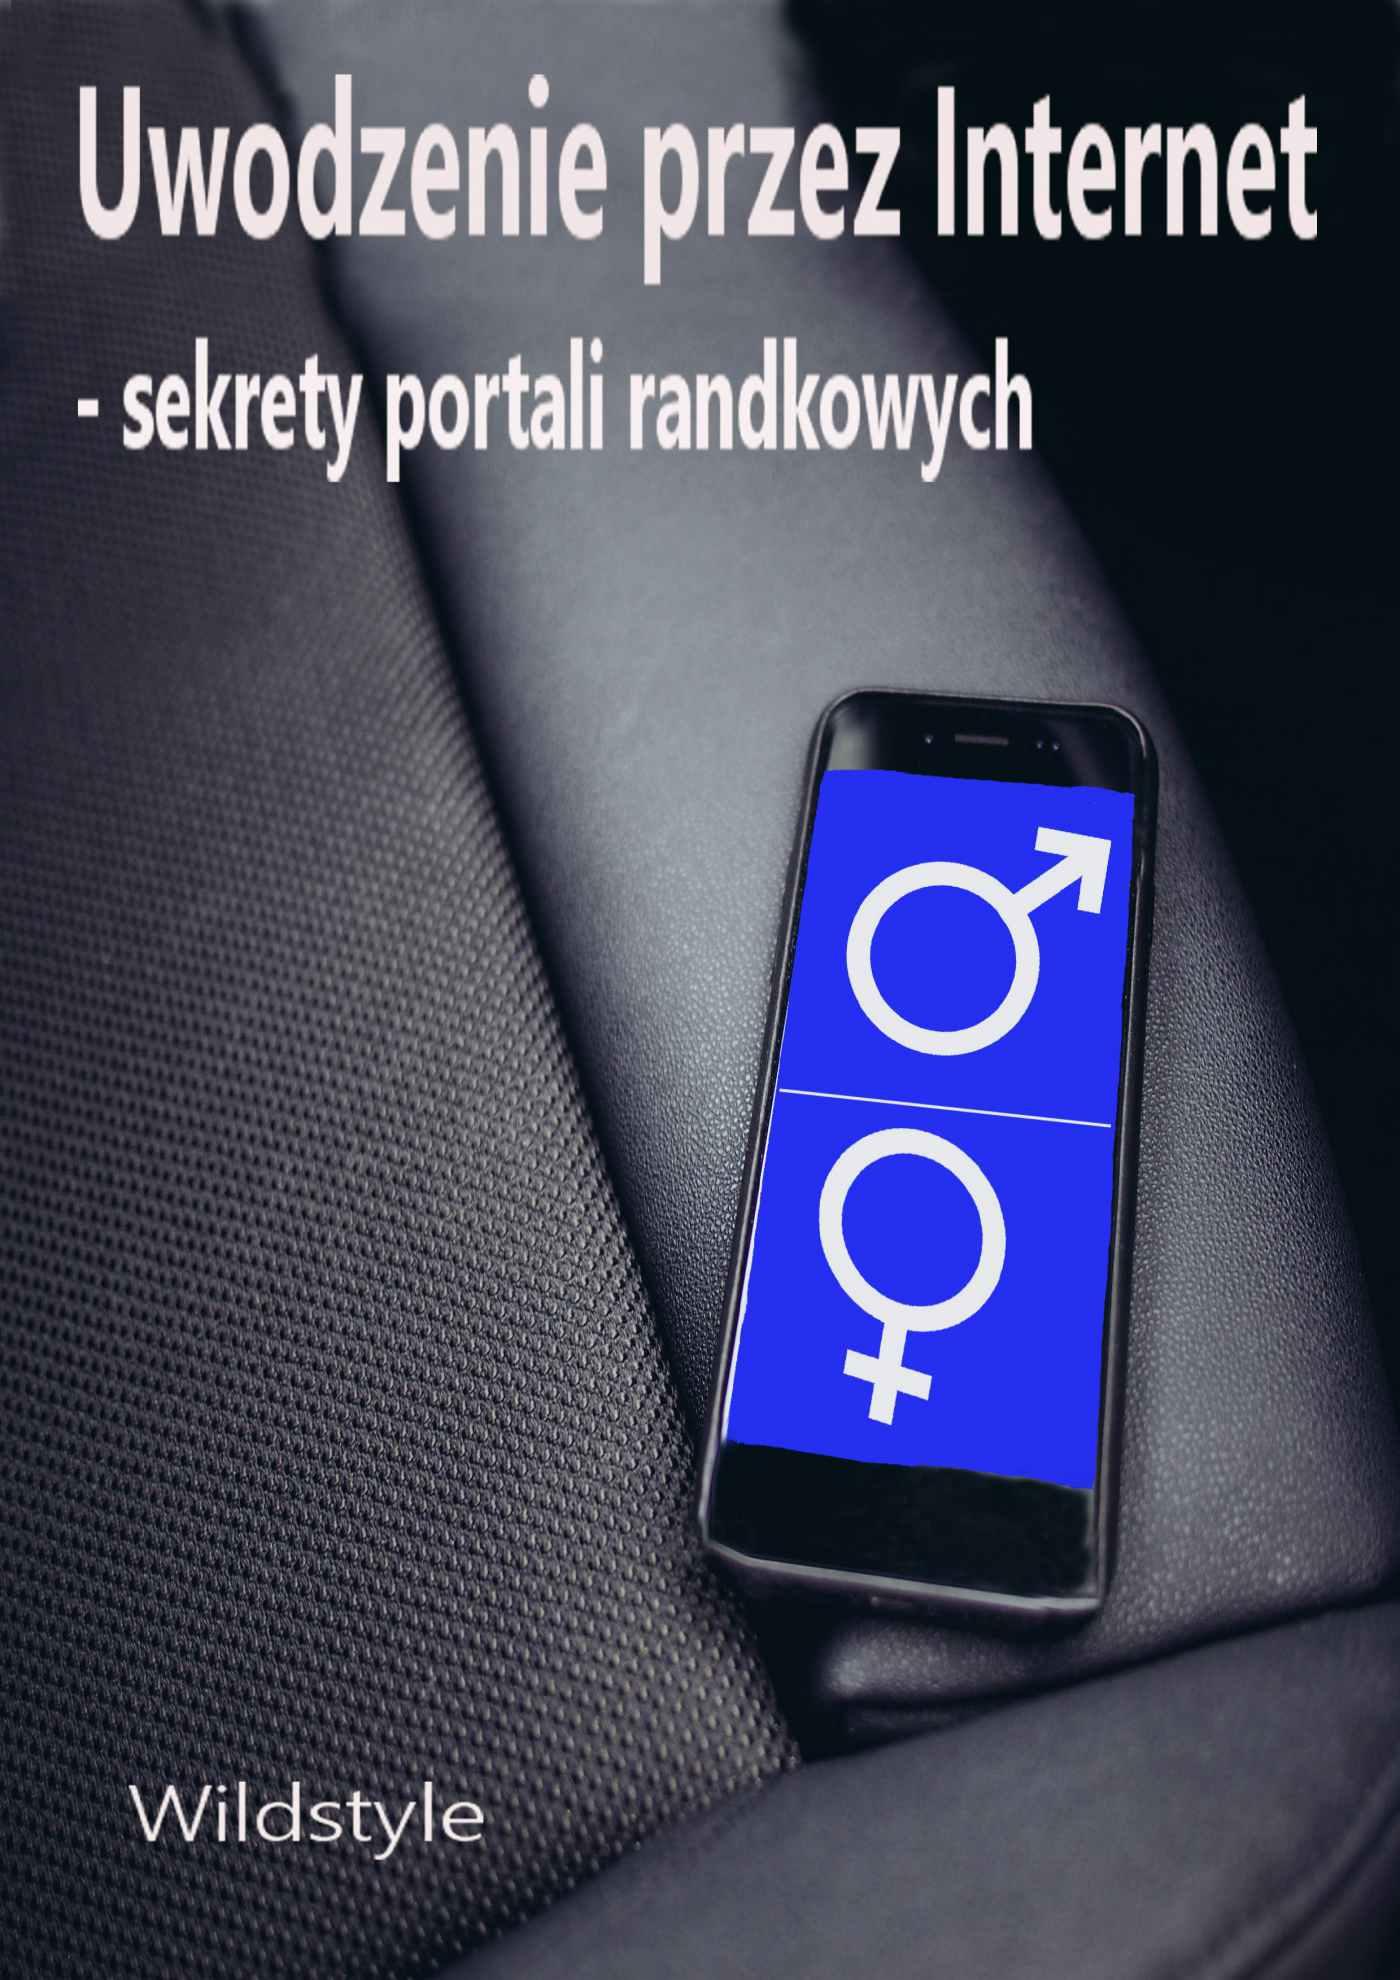 sekrety profilu randkowego